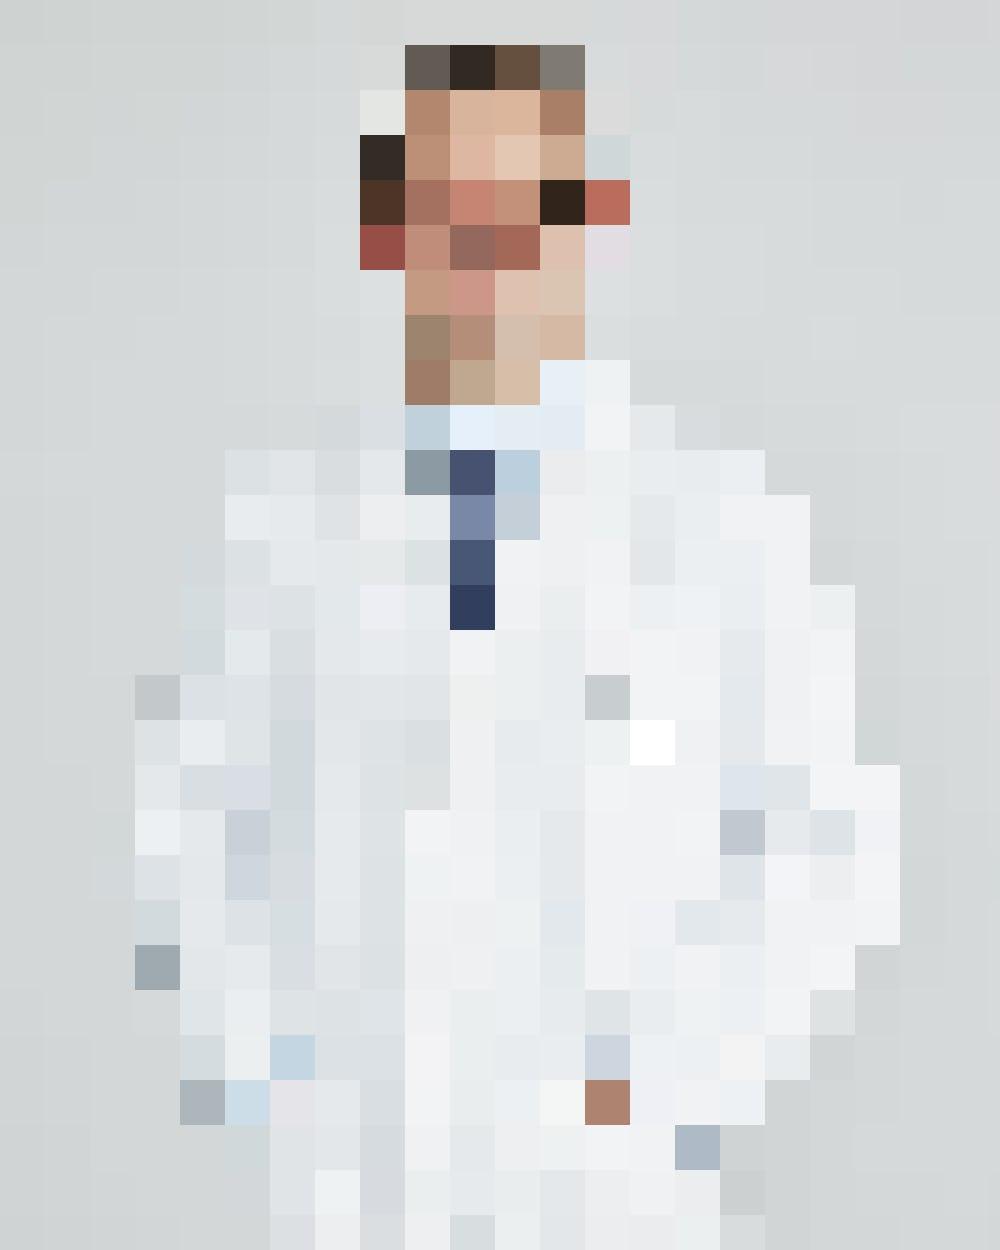 PD Dr. med. Christoph Tausch ist Direktor des Brust-Zentrums Zürich und auf die professionelle Abklärung und Behandlung von Brustkrebspatientinnen spezialisiert.